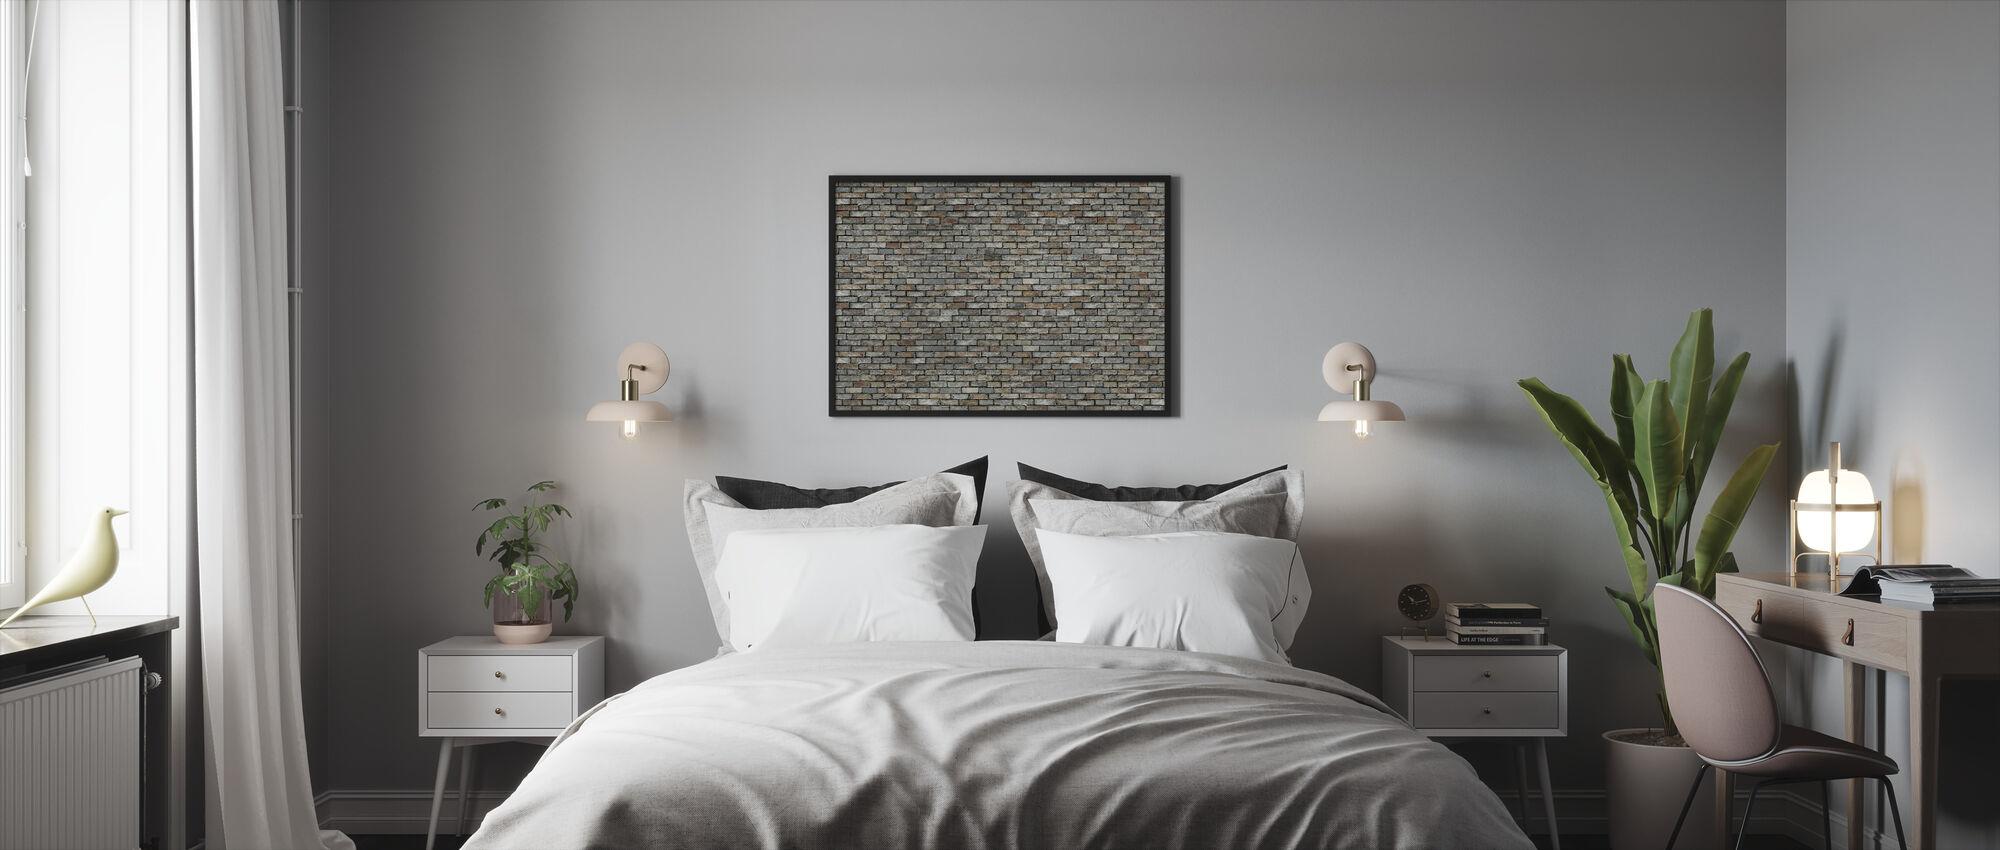 Kiviseinä - Kehystetty kuva - Makuuhuone